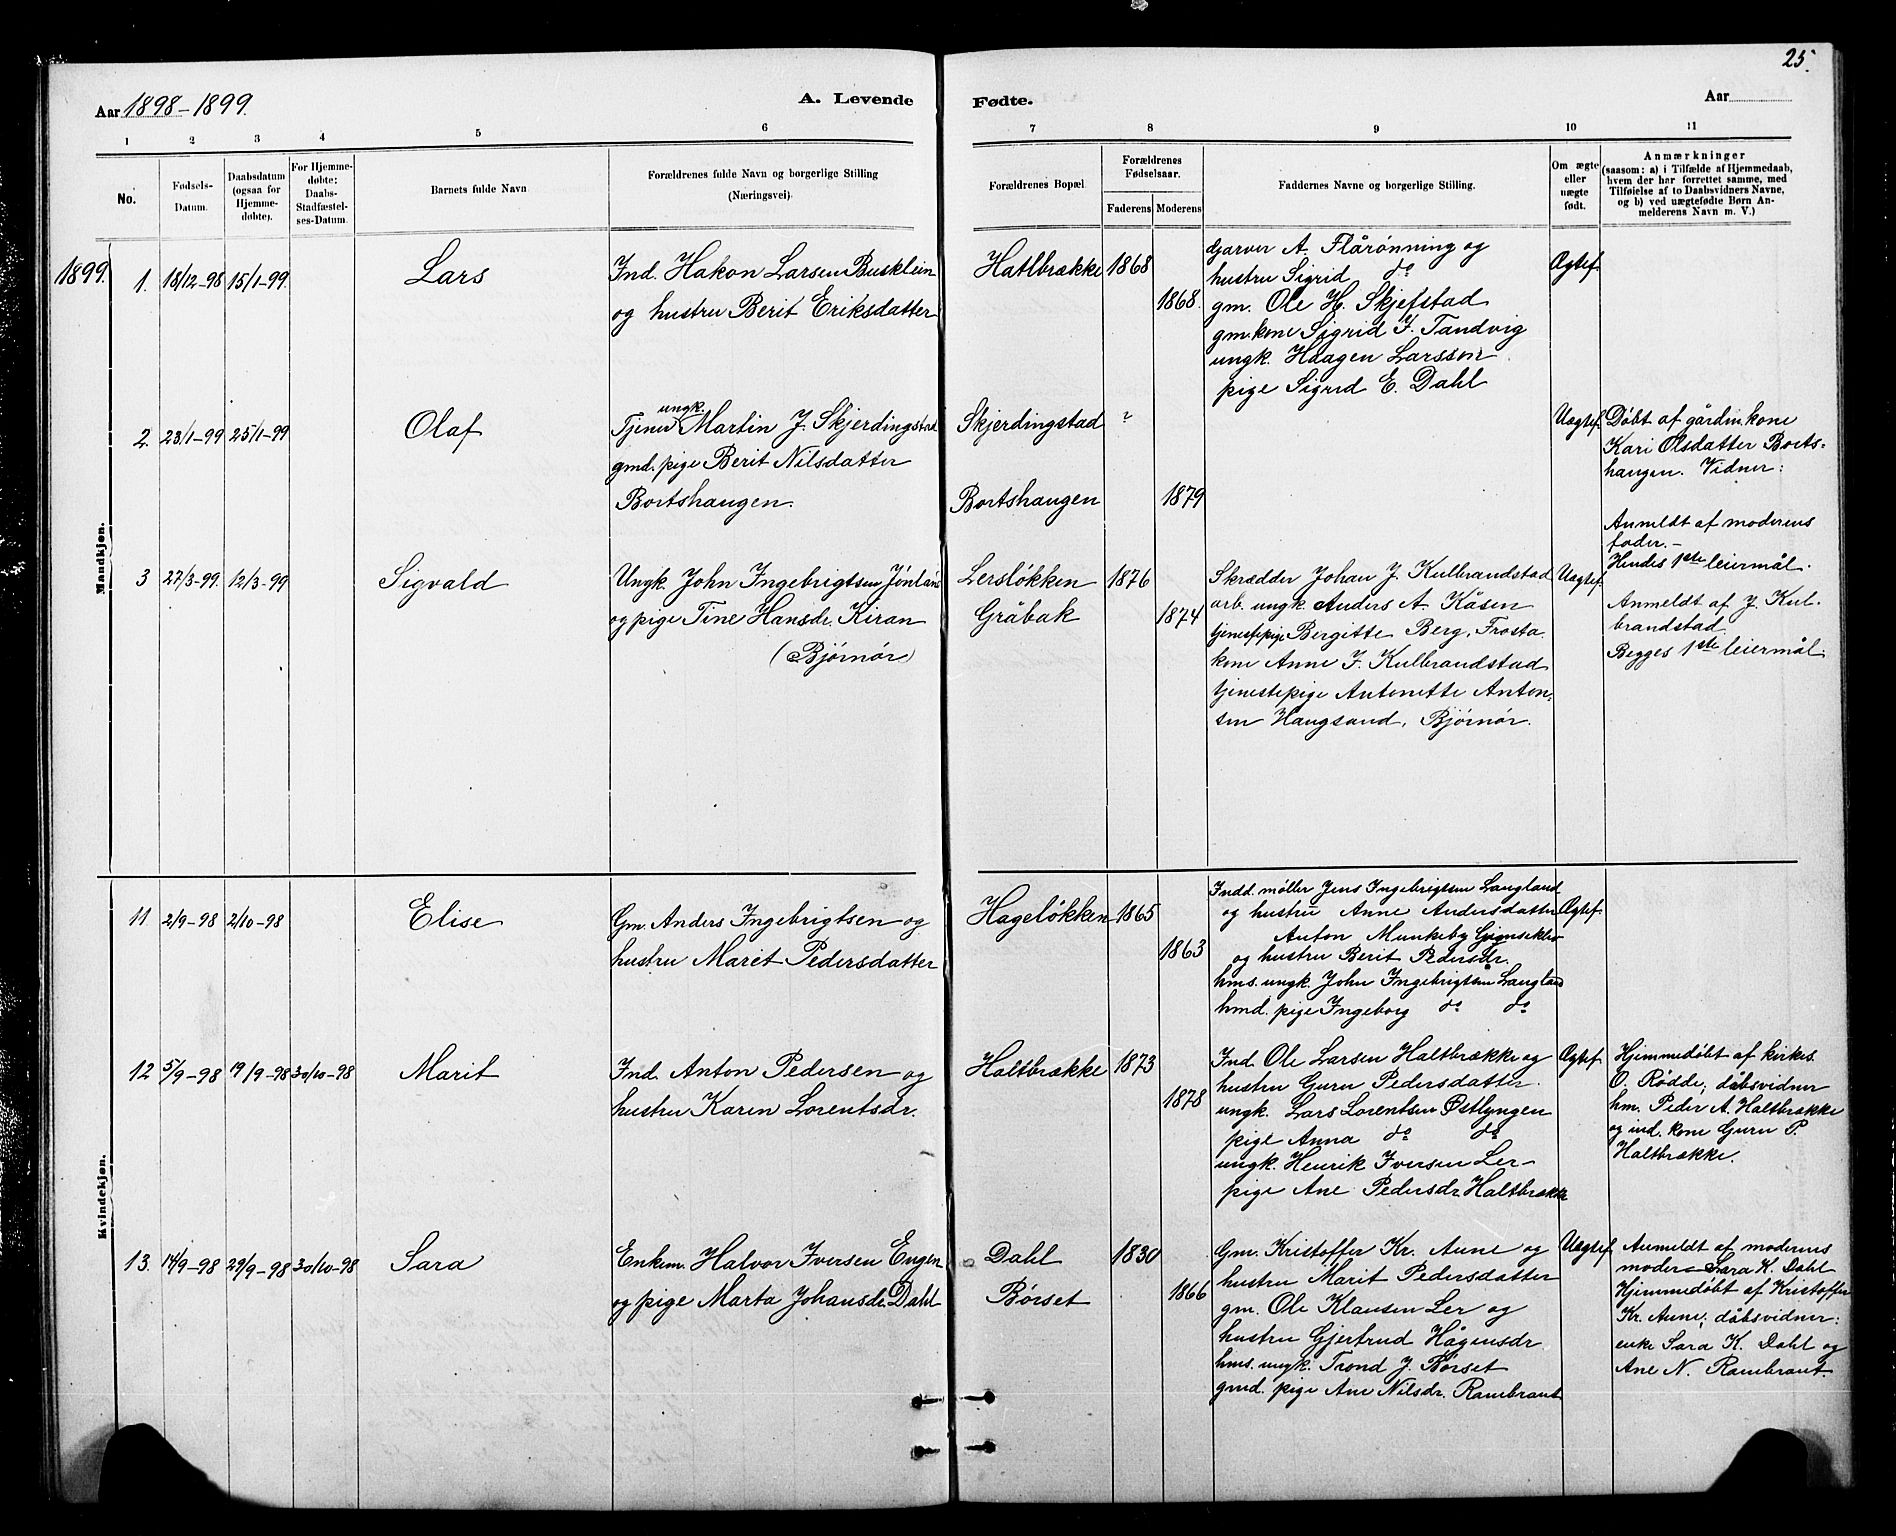 SAT, Ministerialprotokoller, klokkerbøker og fødselsregistre - Sør-Trøndelag, 693/L1123: Klokkerbok nr. 693C04, 1887-1910, s. 25